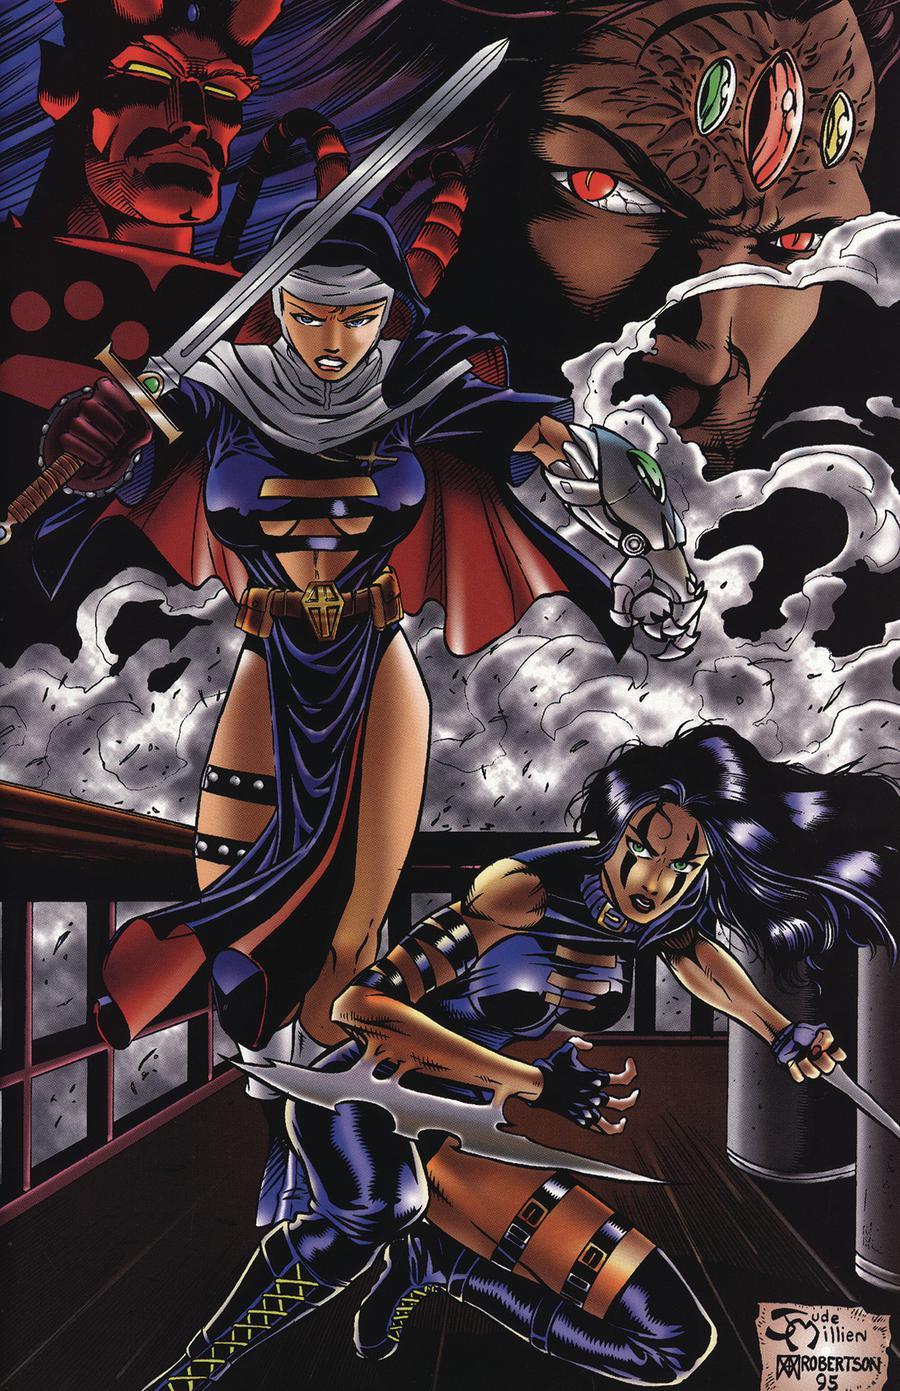 Razor Warrior Nun Areala #1 Cover B Commemorative Cover